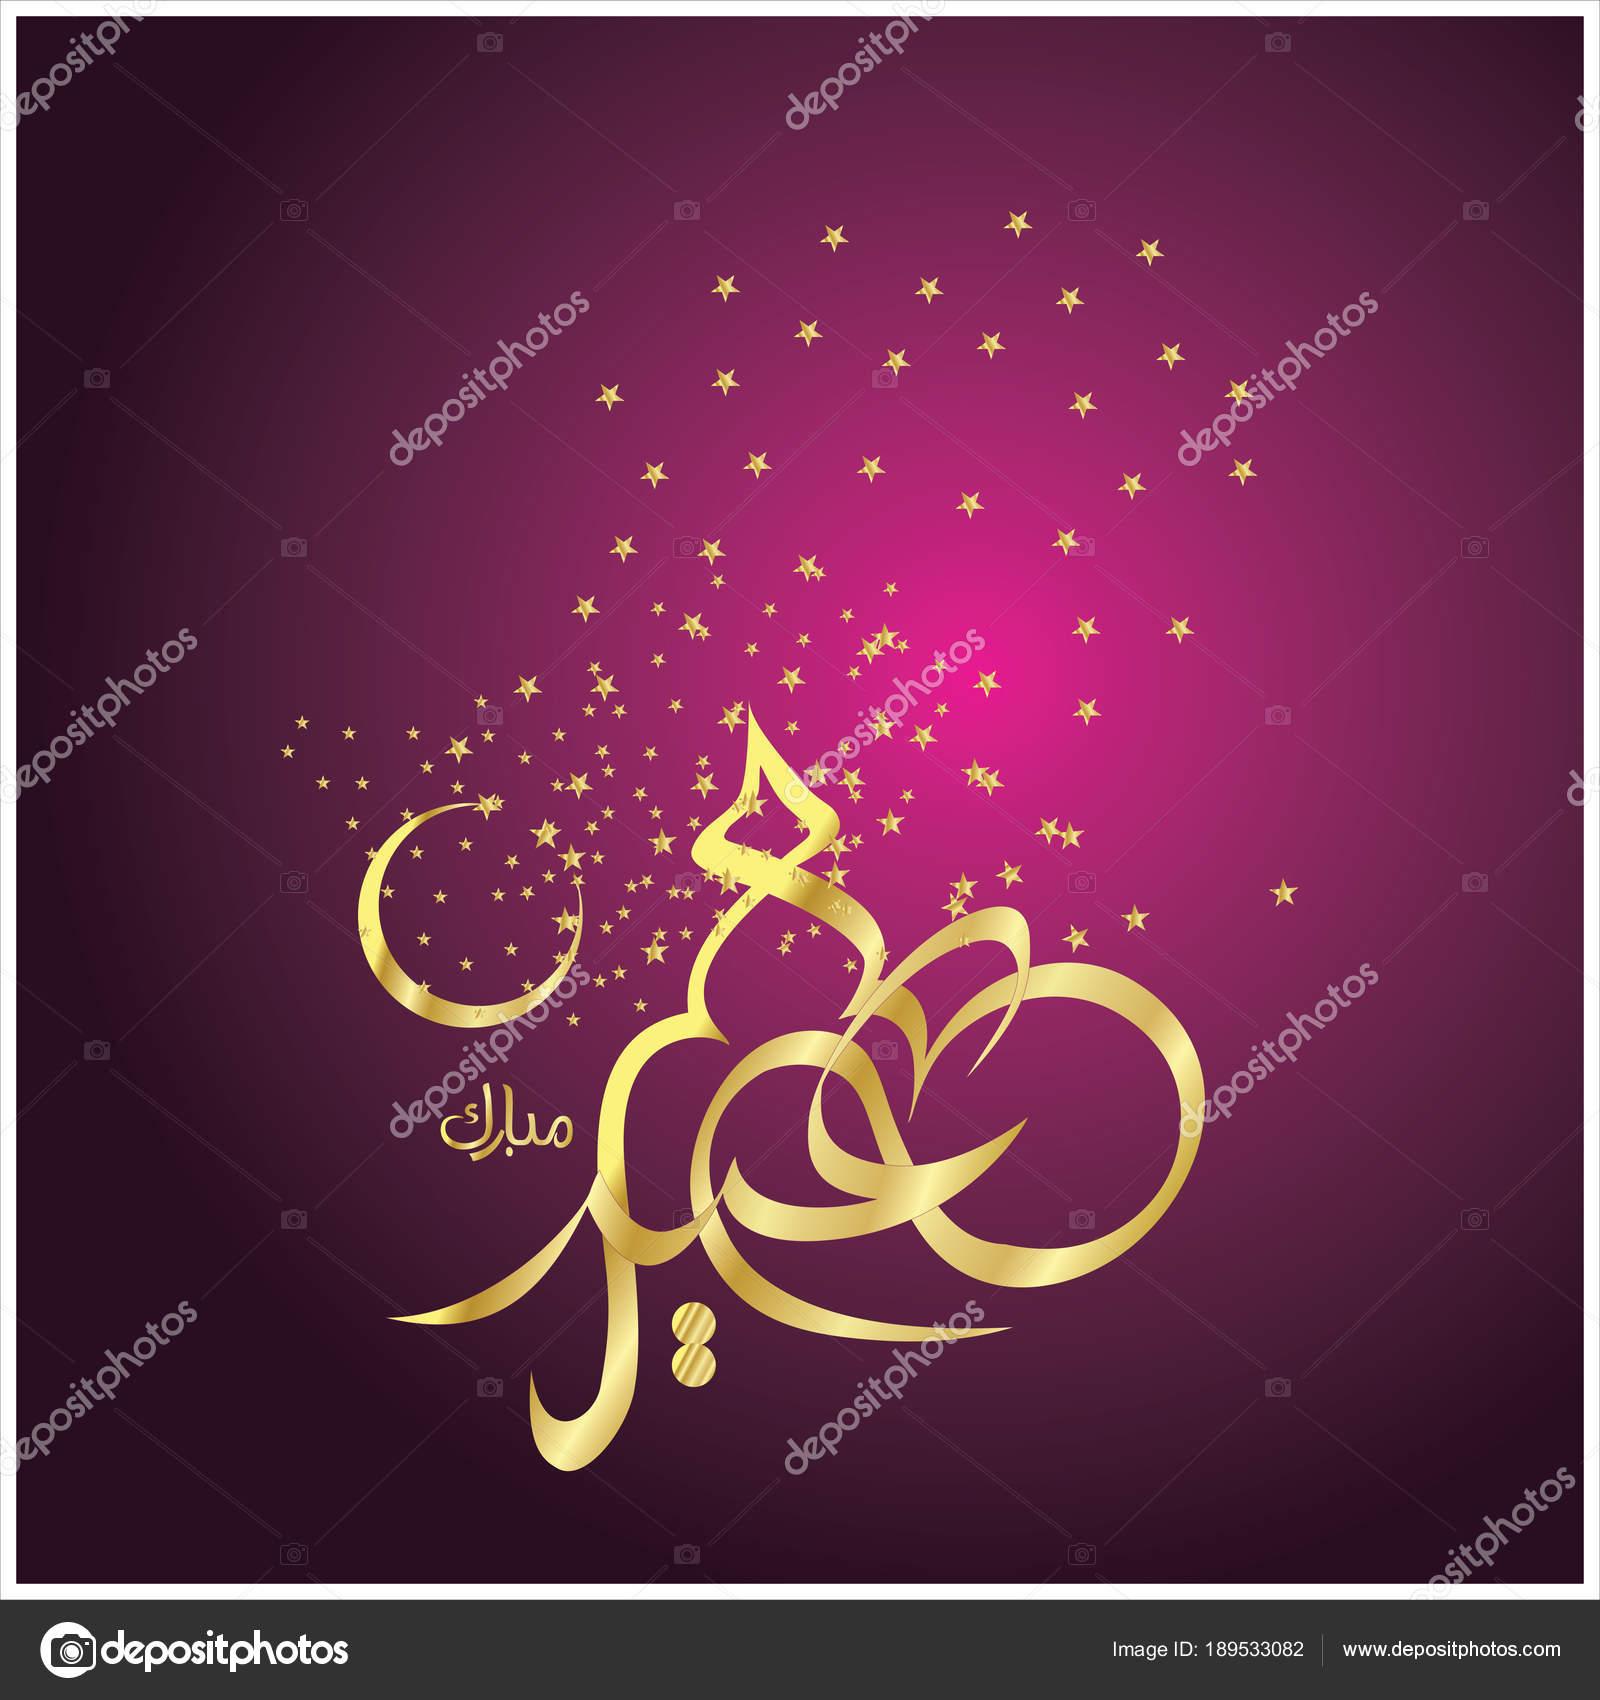 Happy Eid Mubarak Arabic Calligraphy Greeting Card Muslim